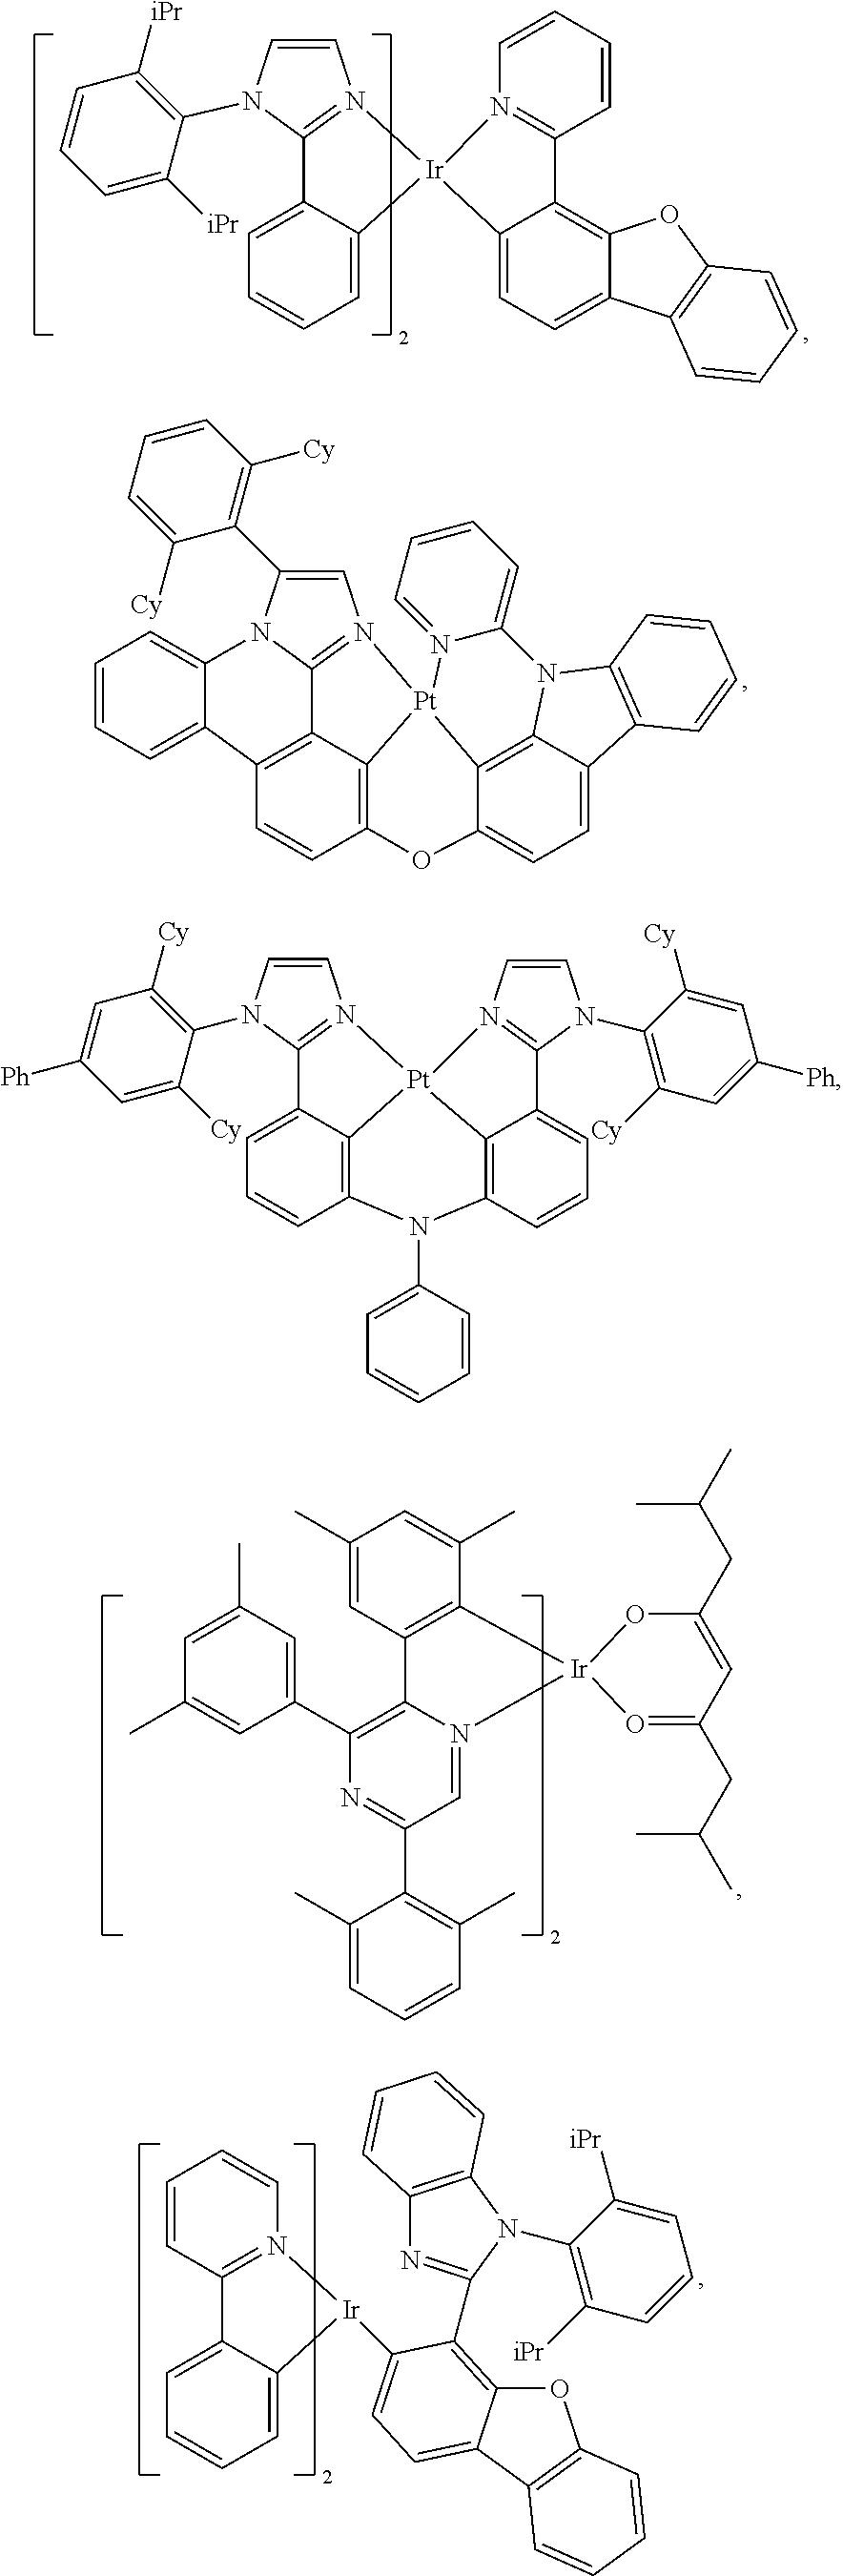 Figure US09929360-20180327-C00161